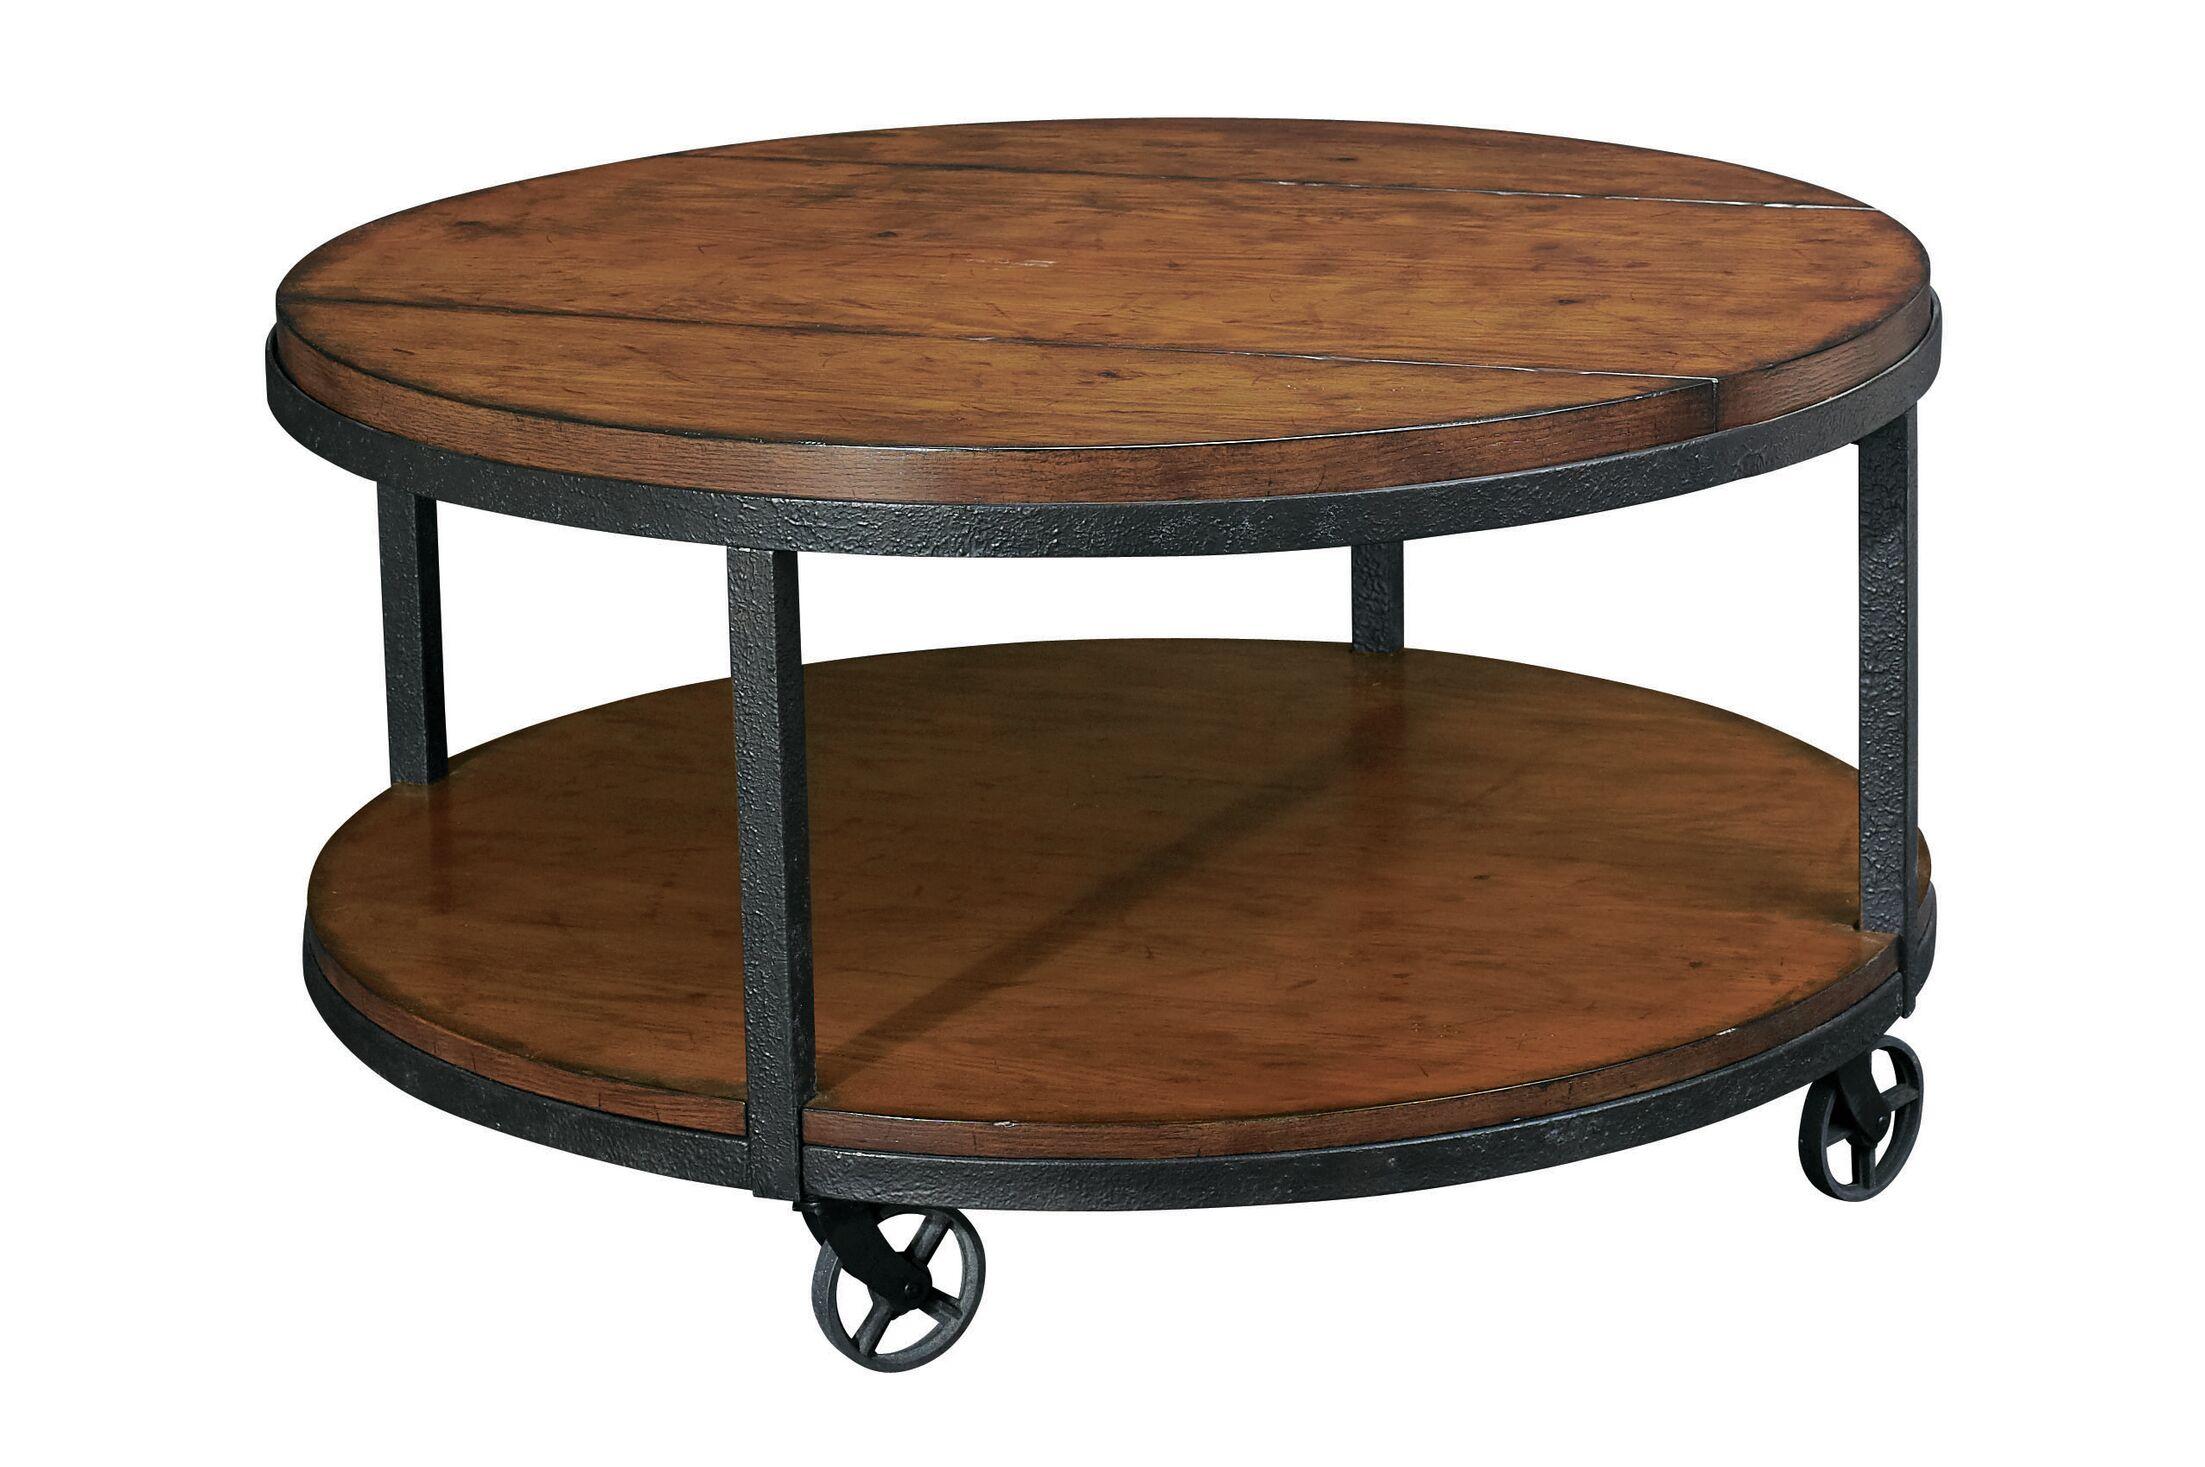 Spielman Coffee Table